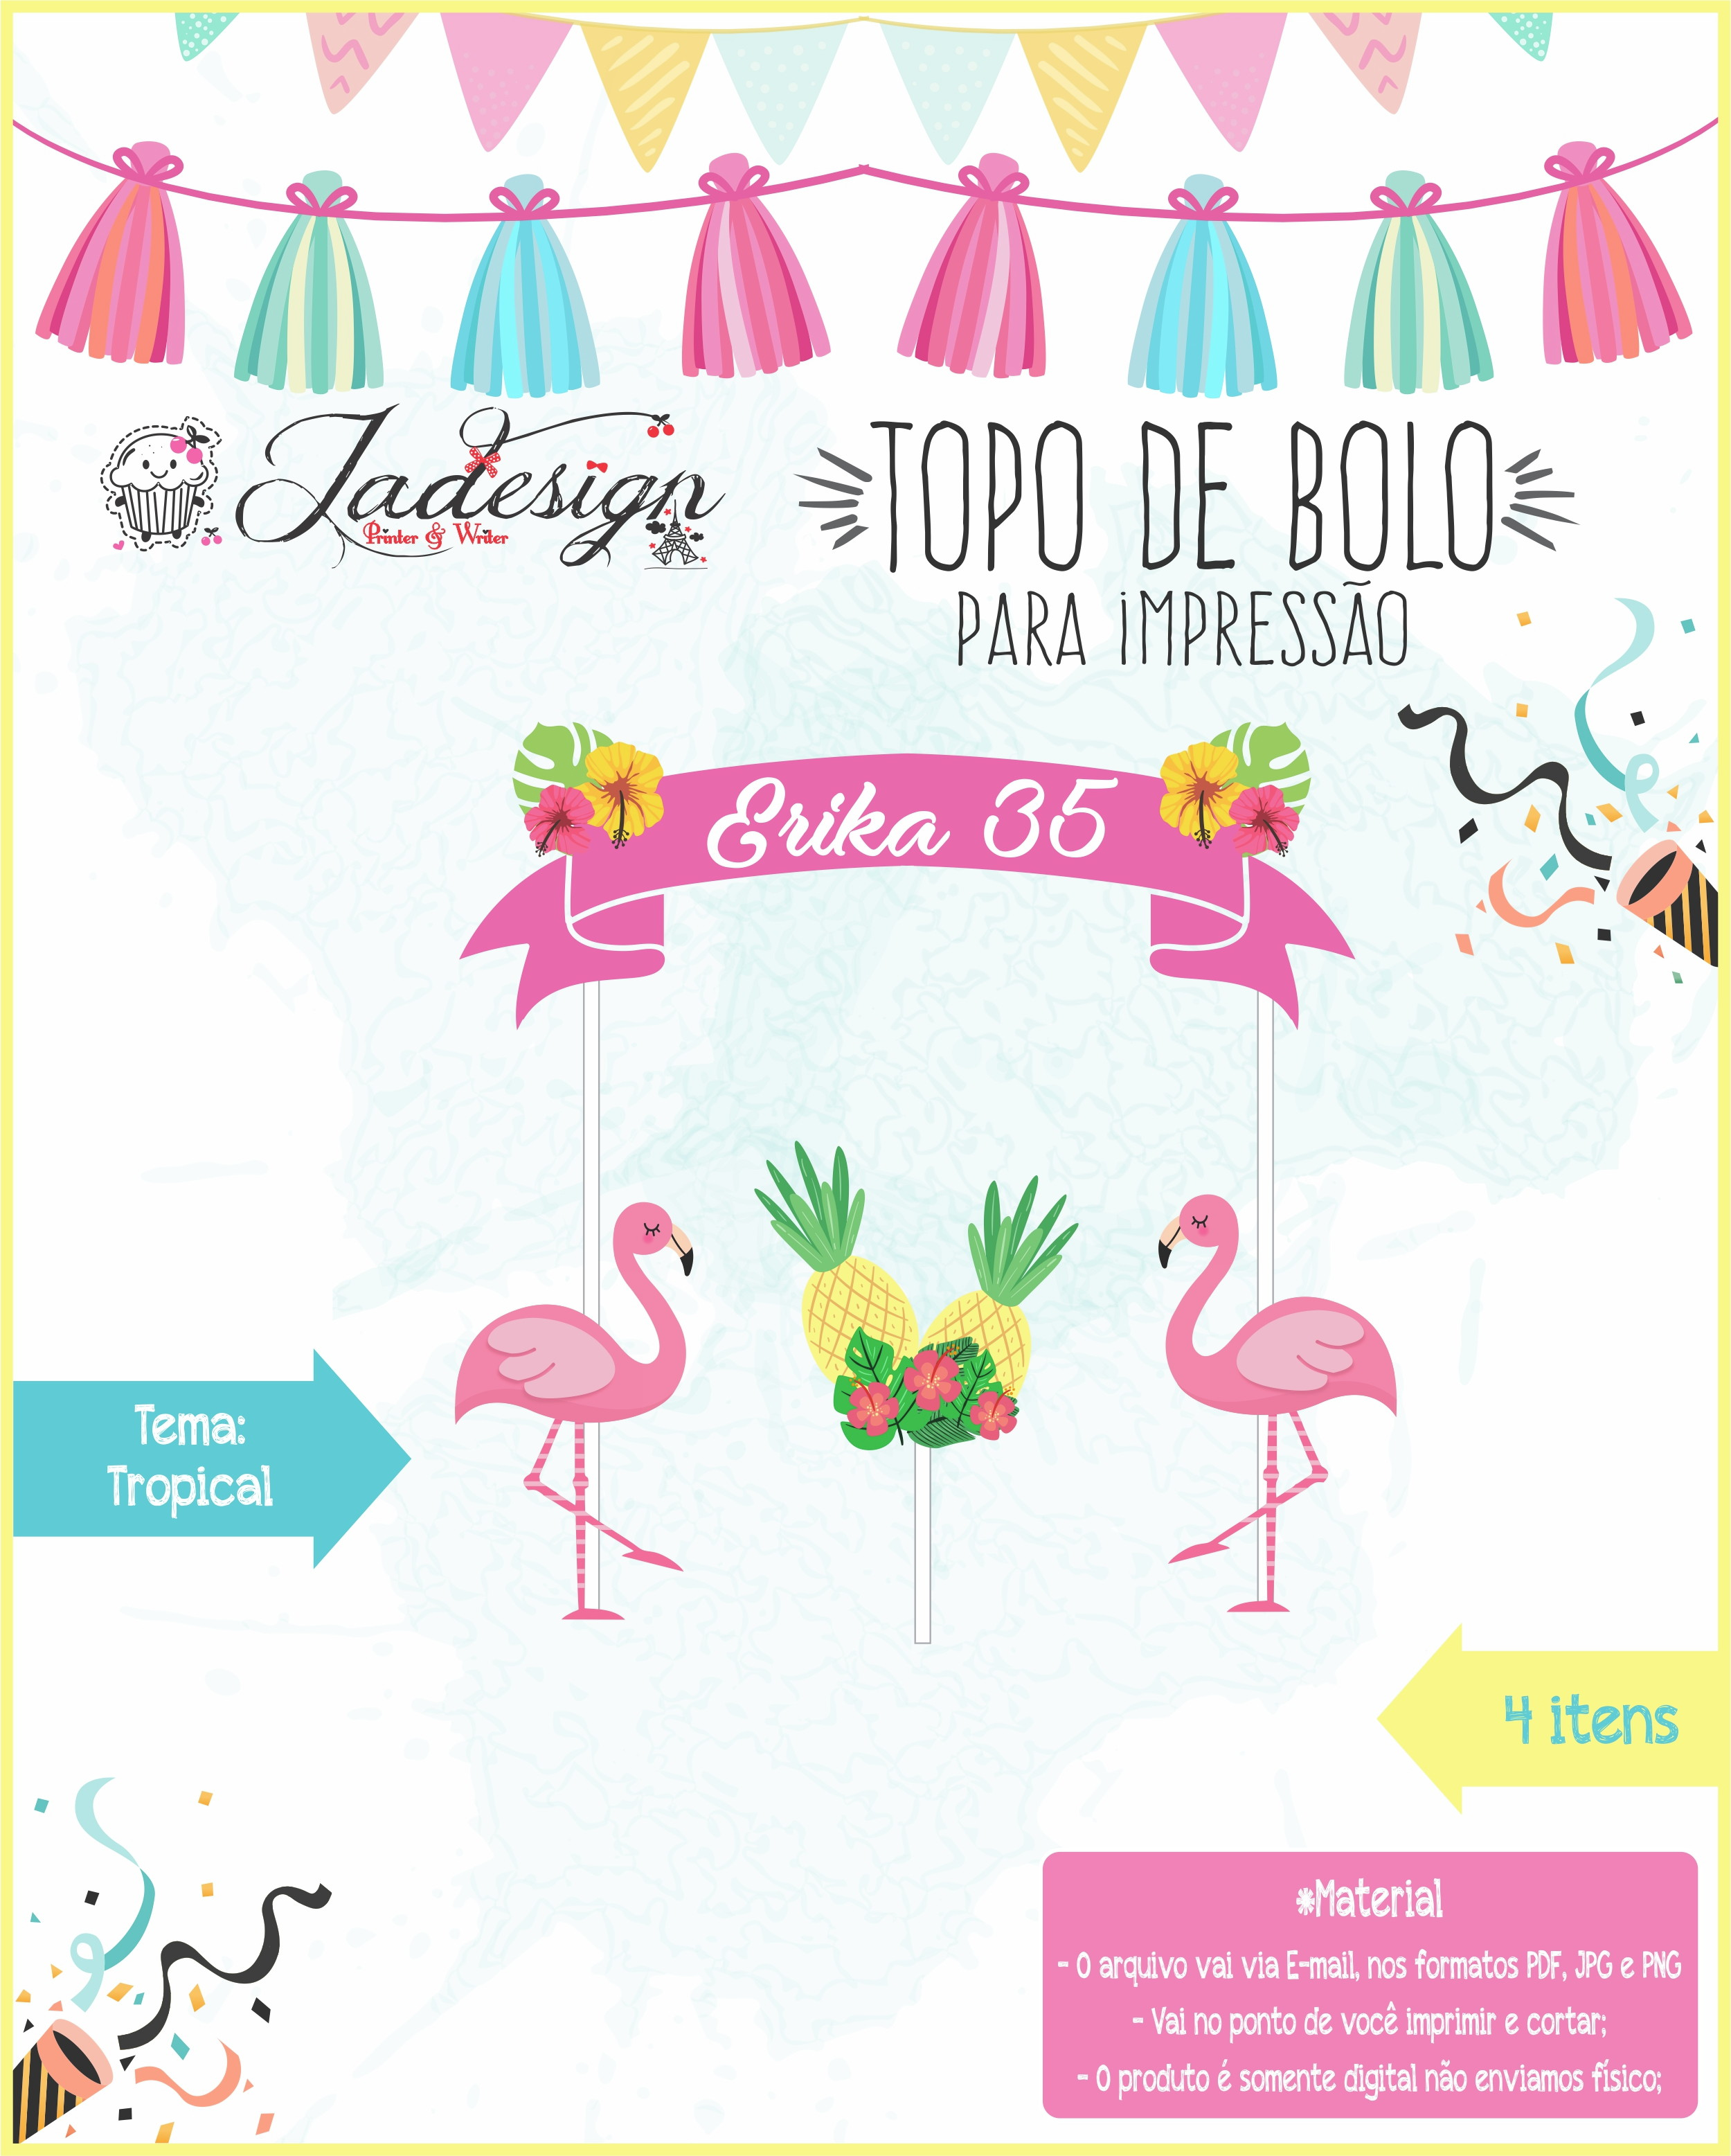 Topo De Bolo Para Impressão Tropical No Elo7 Jadesign Pw C8ebd4